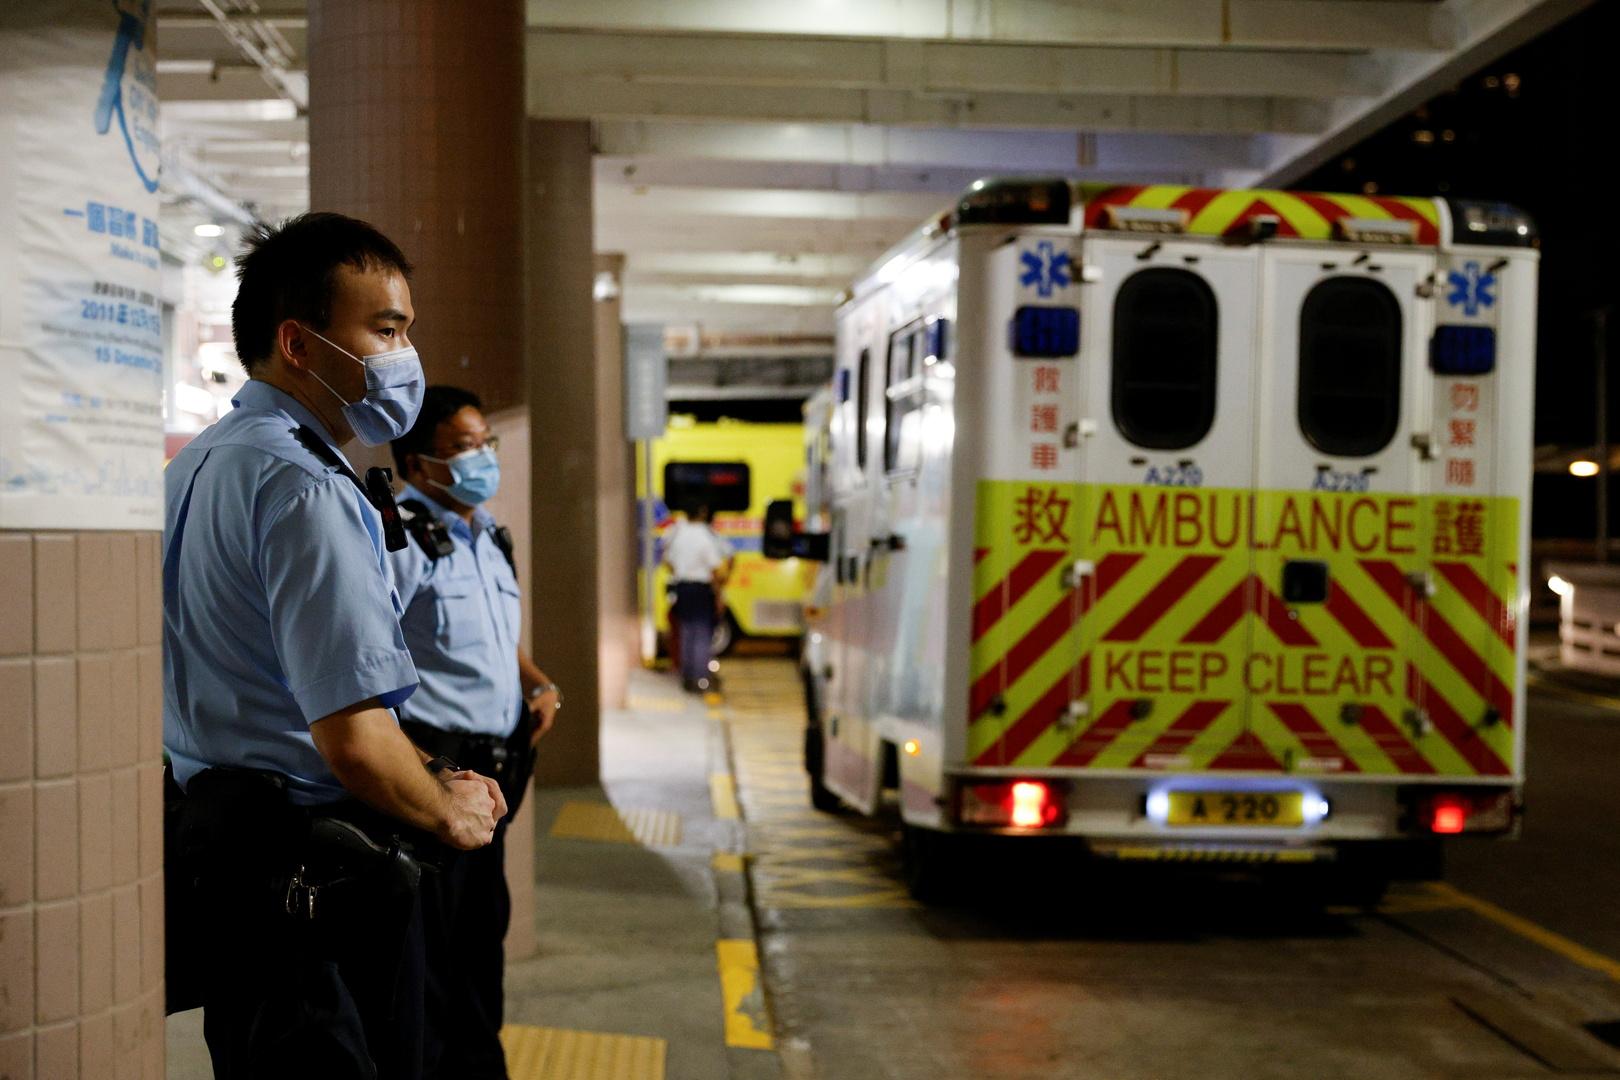 مستشفى بريطاني يعتذر لأم على منعها من زيارة ابنها المحتضر قبل وفاته